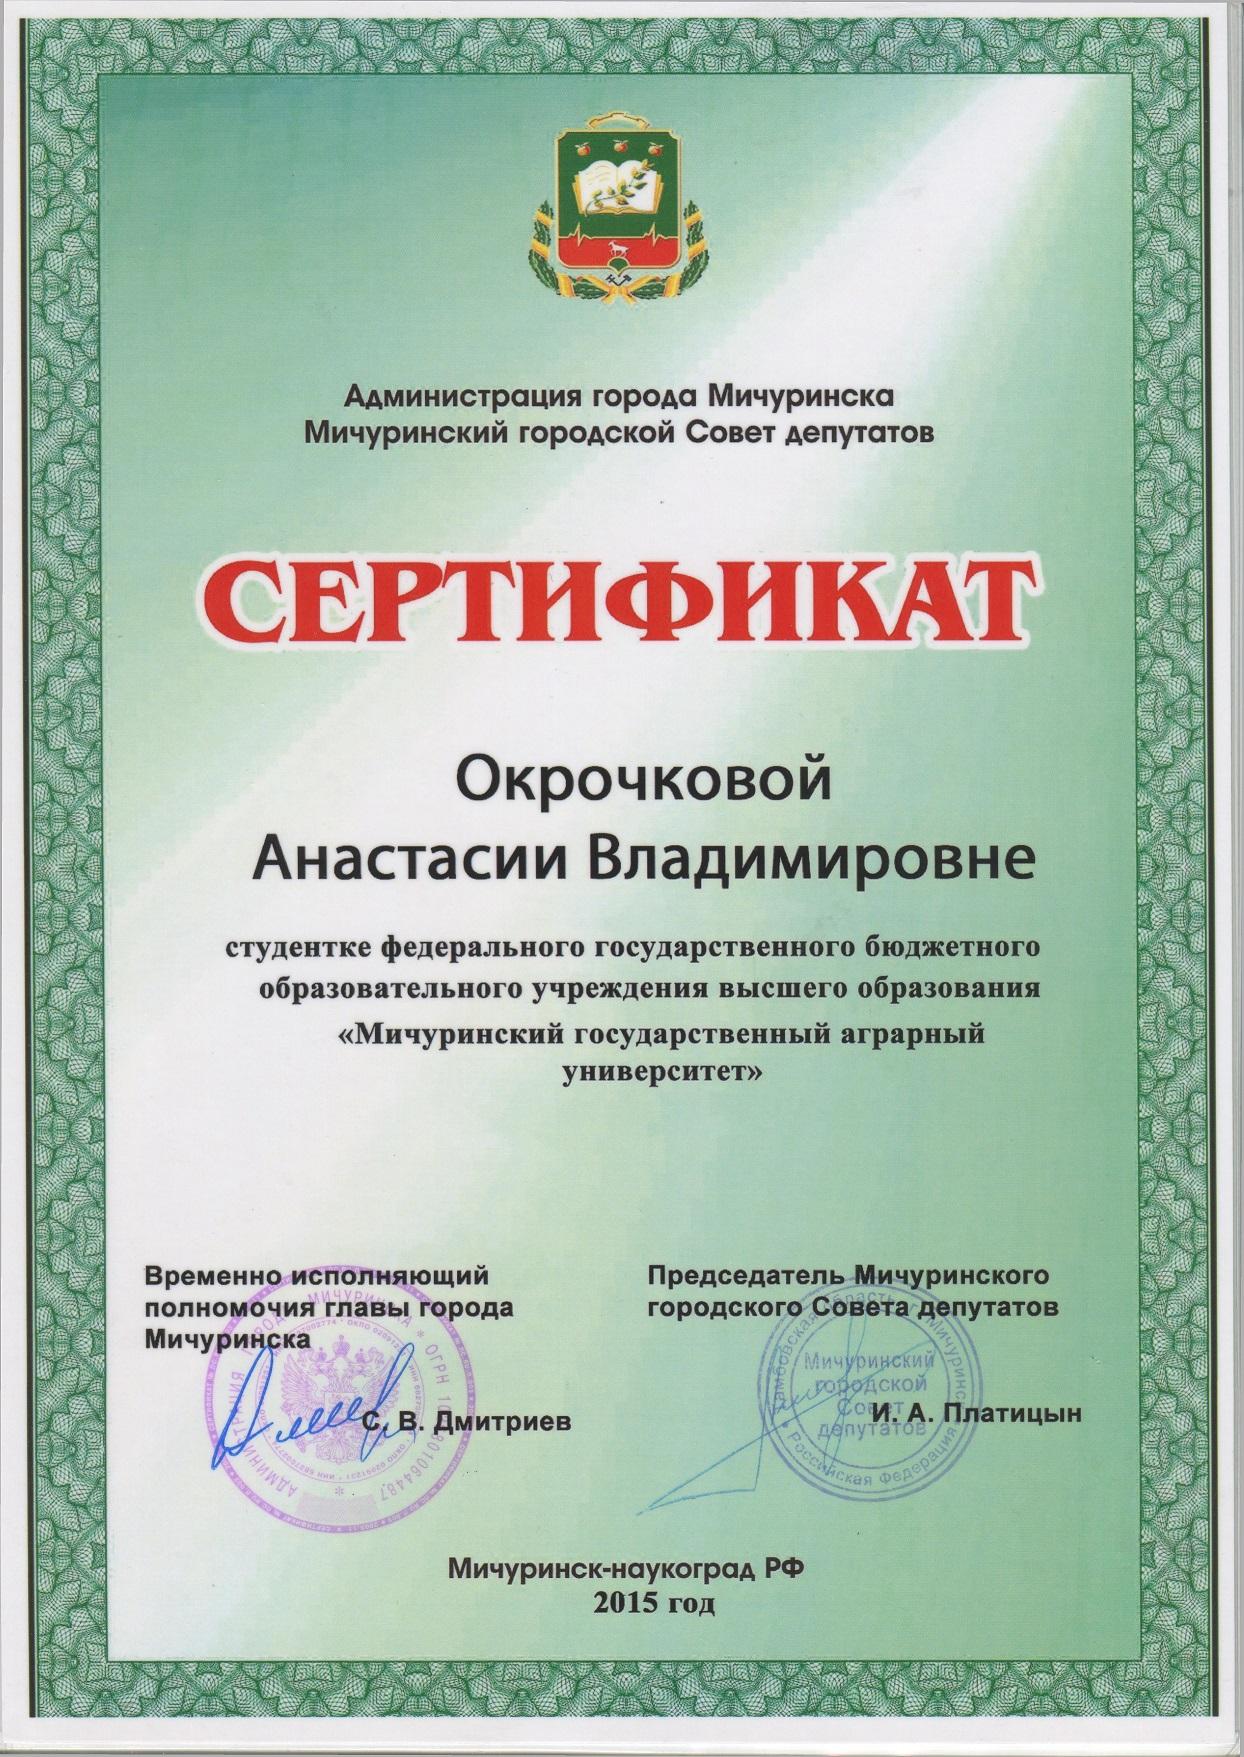 Сертификат на получение муниципальной именной стипендии